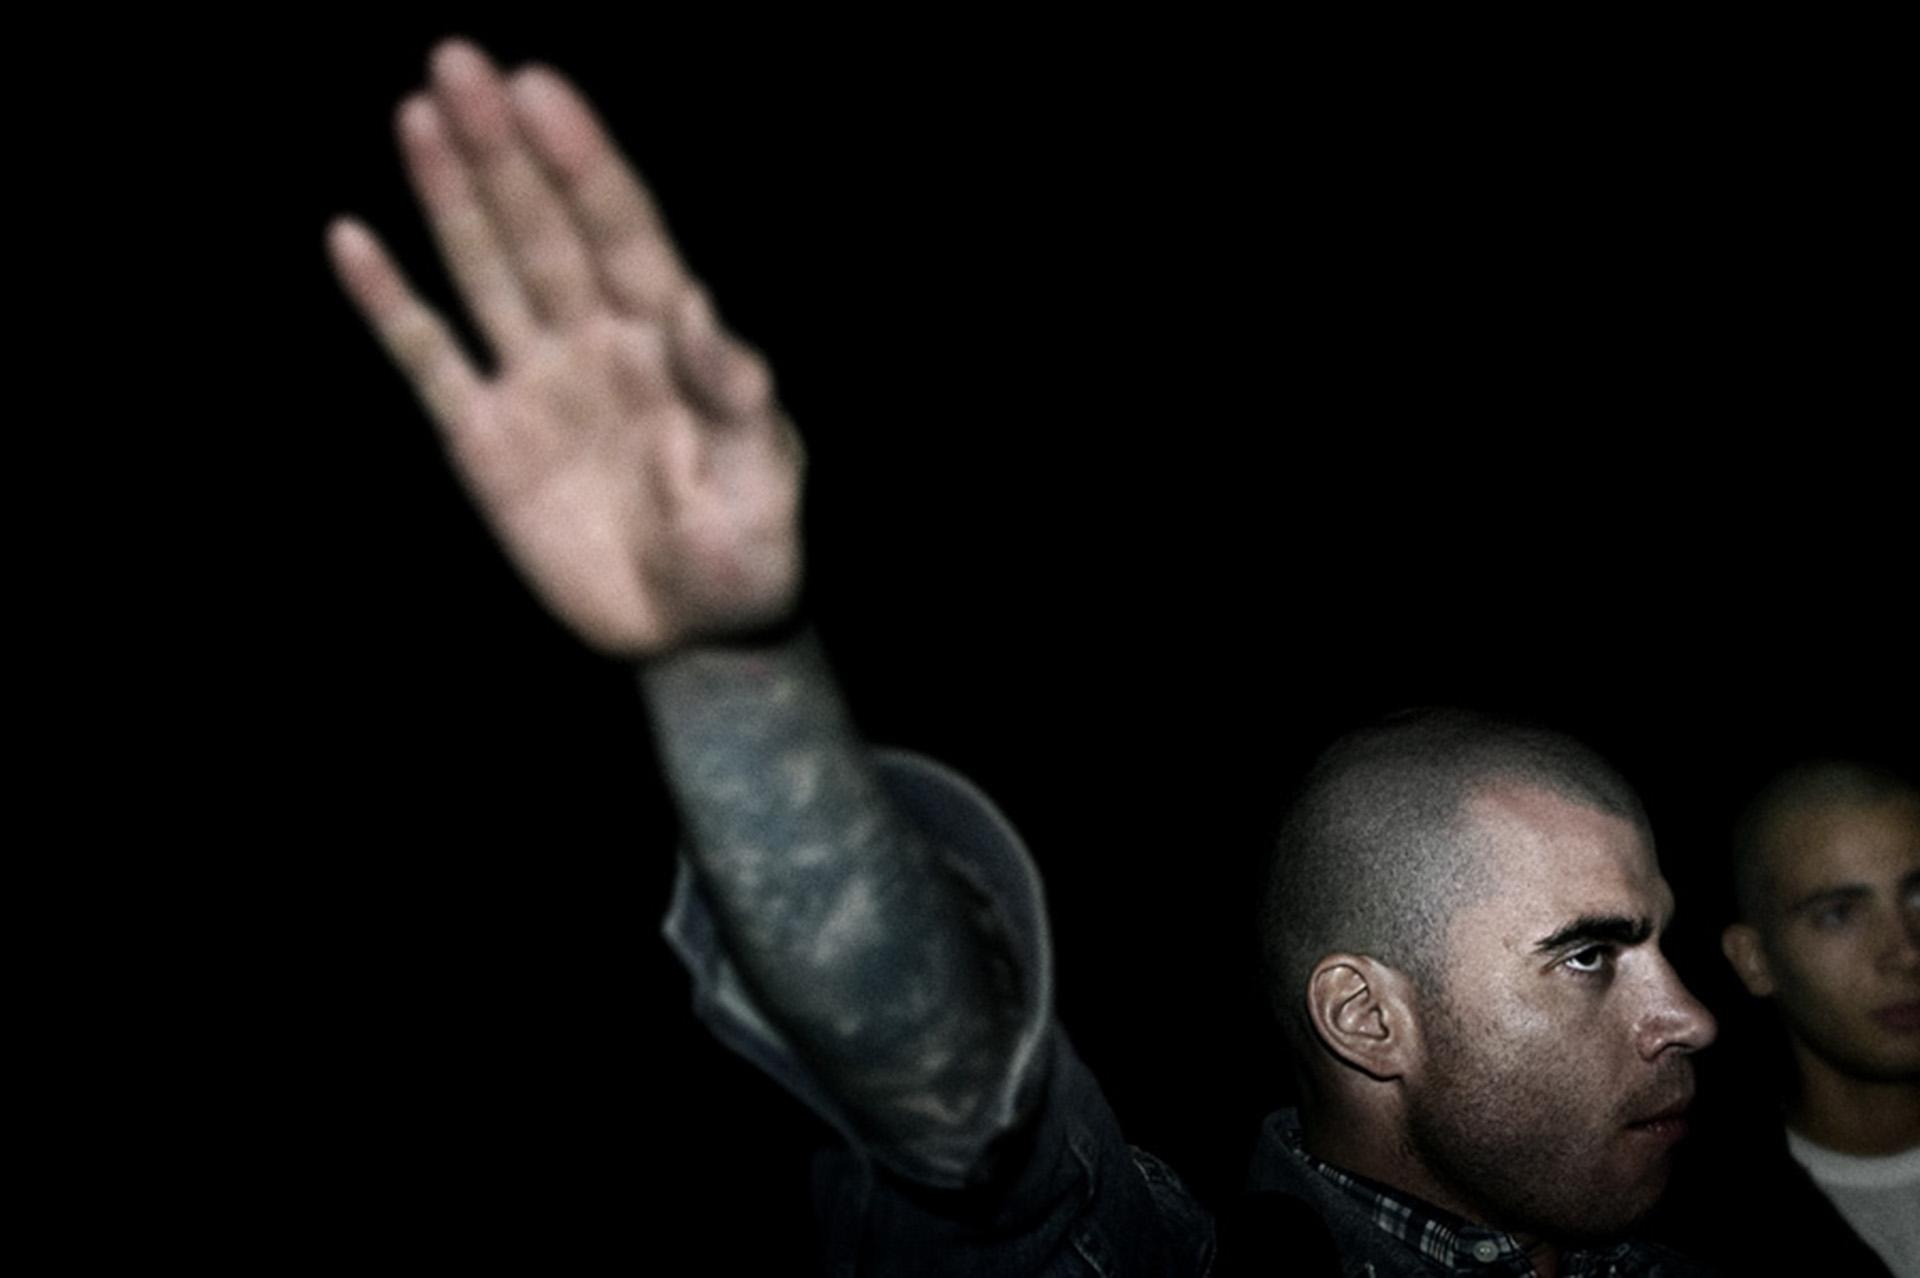 Un skinhead español realiza el saludo nazi durante un encuentro de militantes de extrema derecha en Perugia, Italia (Fotos: Paolo Marchetti)